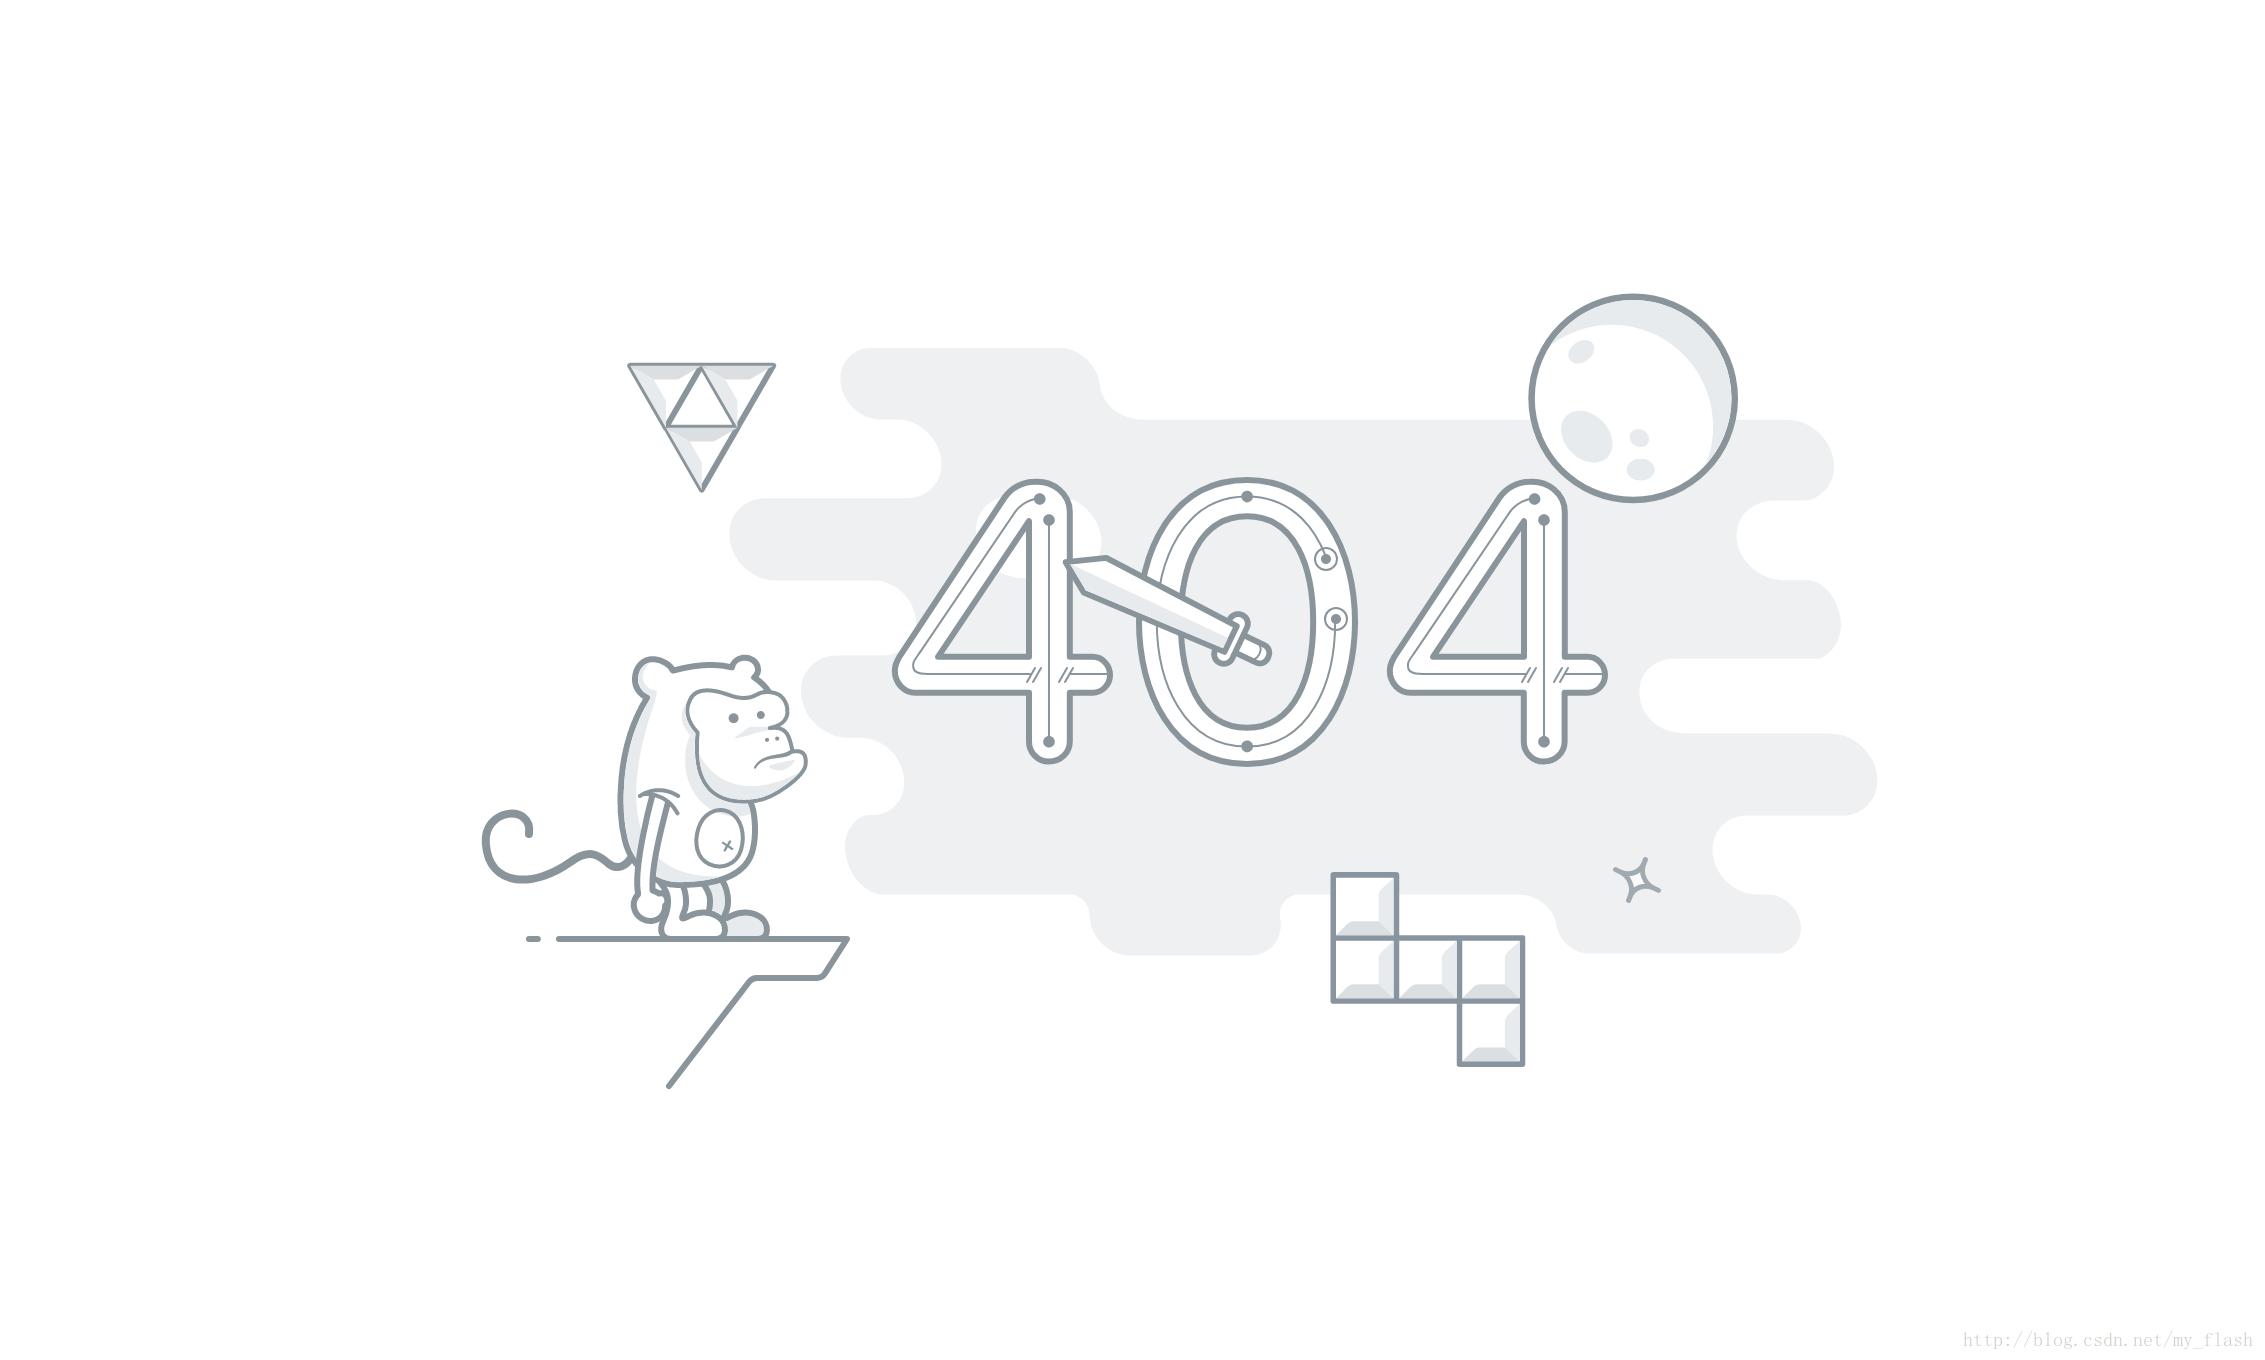 分享一个好看 404 页面(猴子动态 SVG 图)